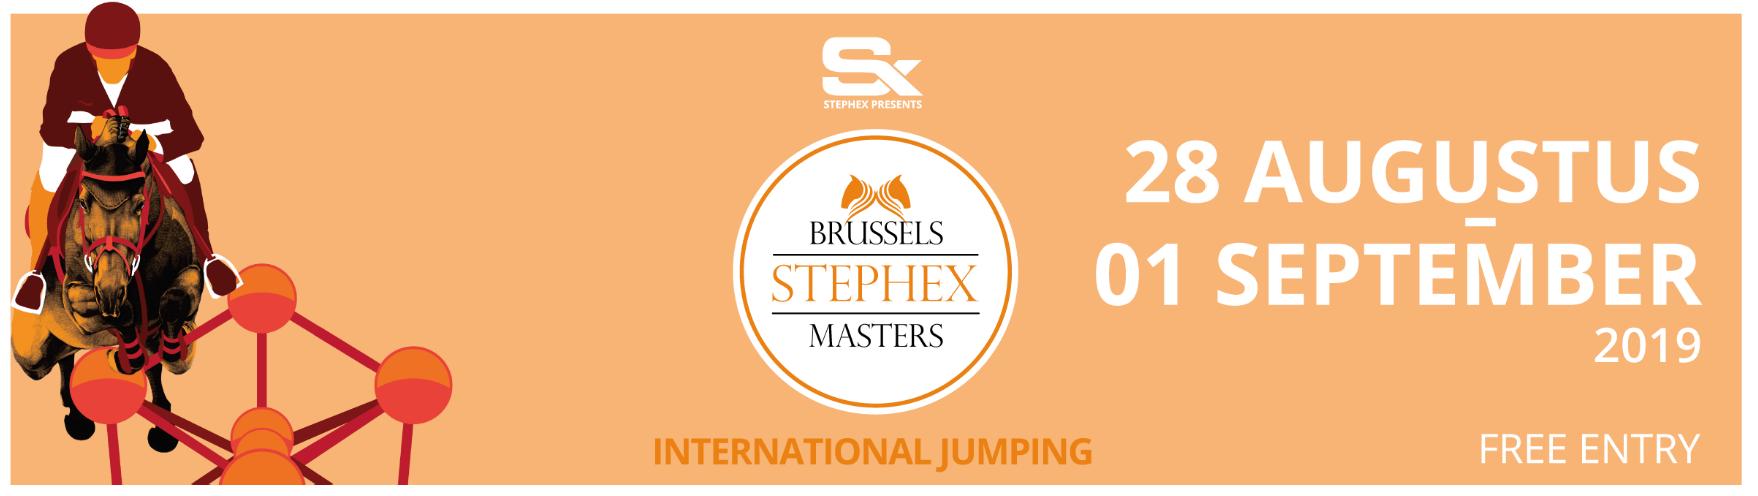 Csi5 3 2 1 Yh Brussels Stephex Masters 2019